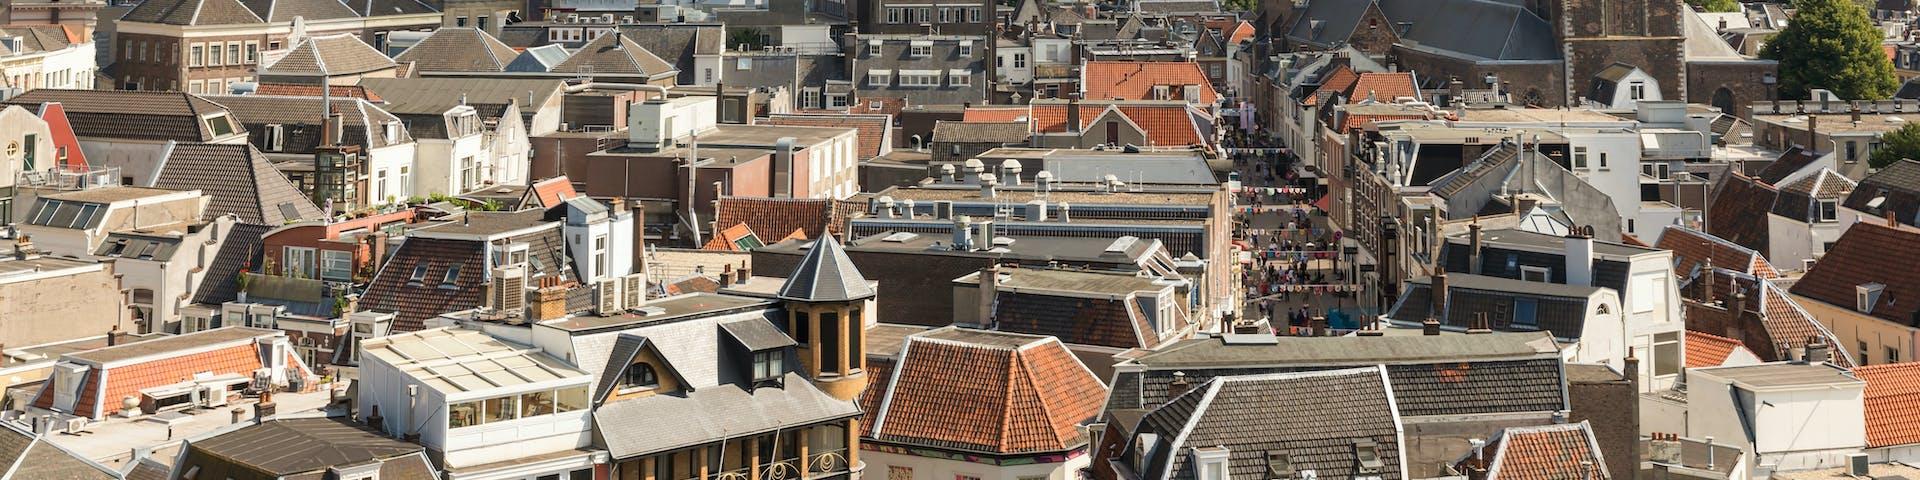 Online Courses in Utrecht - Netherlands - DistanceLearningPortal com